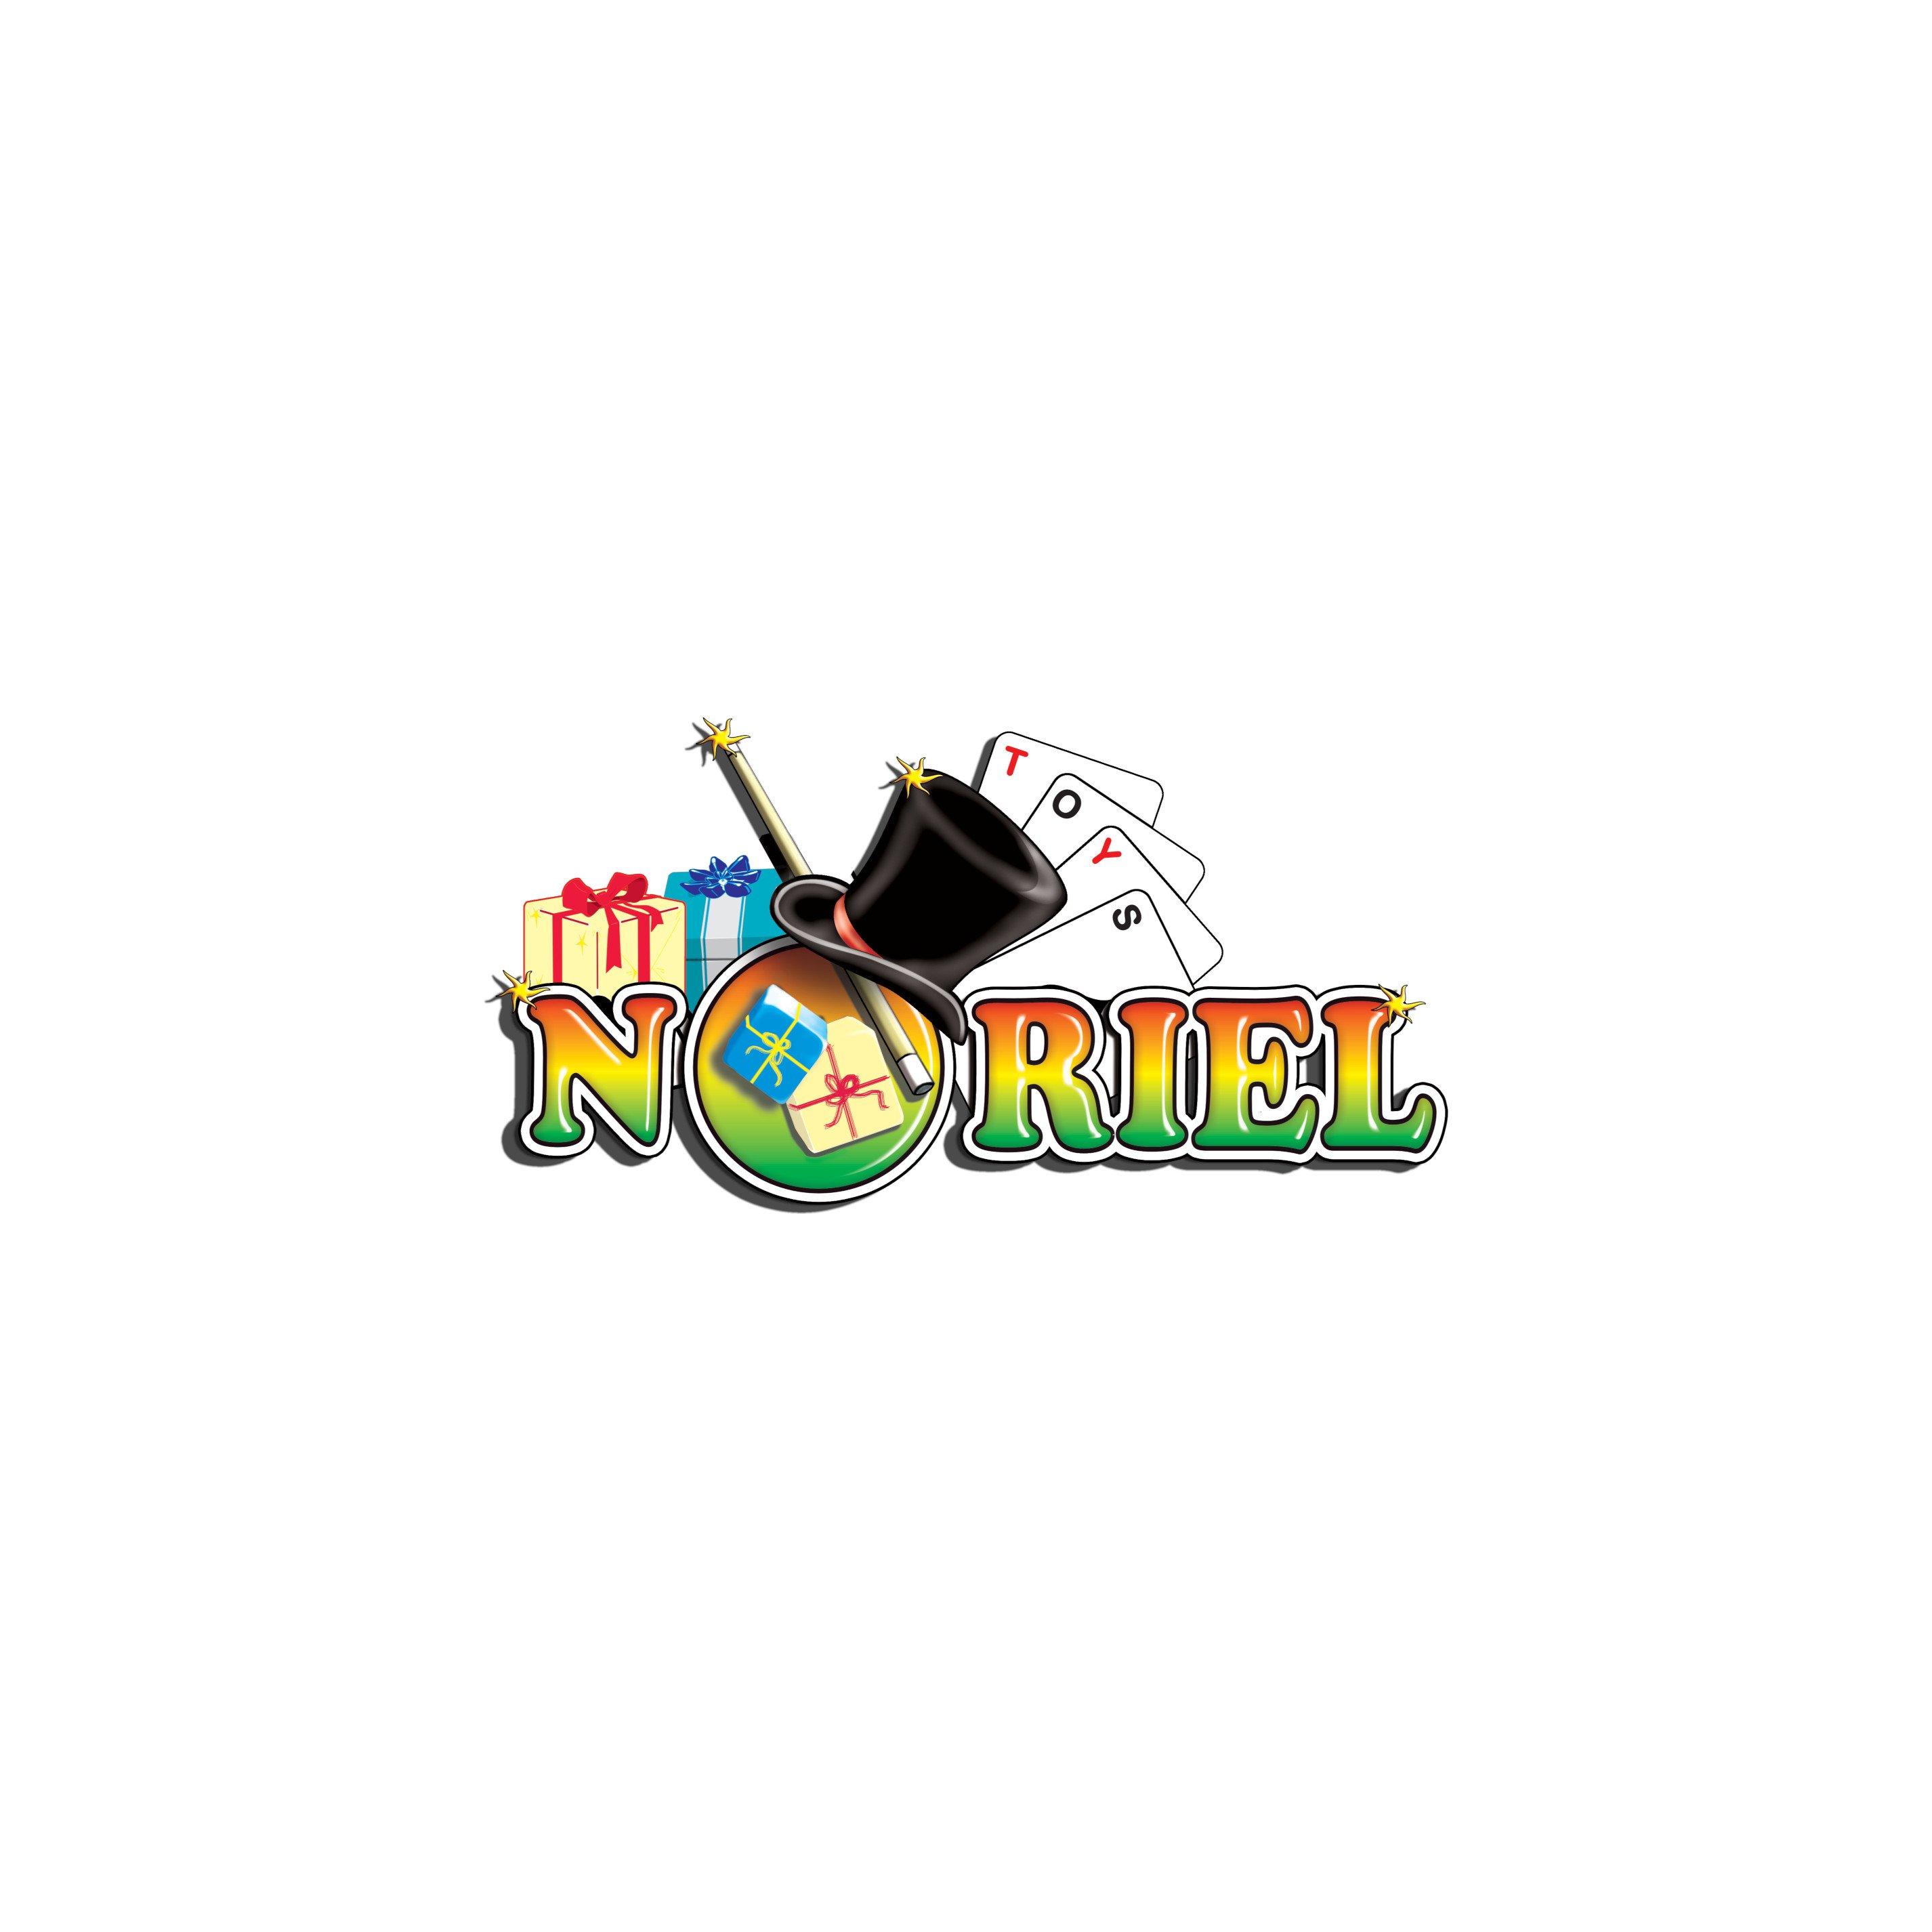 Figurina My Little Pony Friendship is Magic - Pinkie Pie cu accesorii pentru par